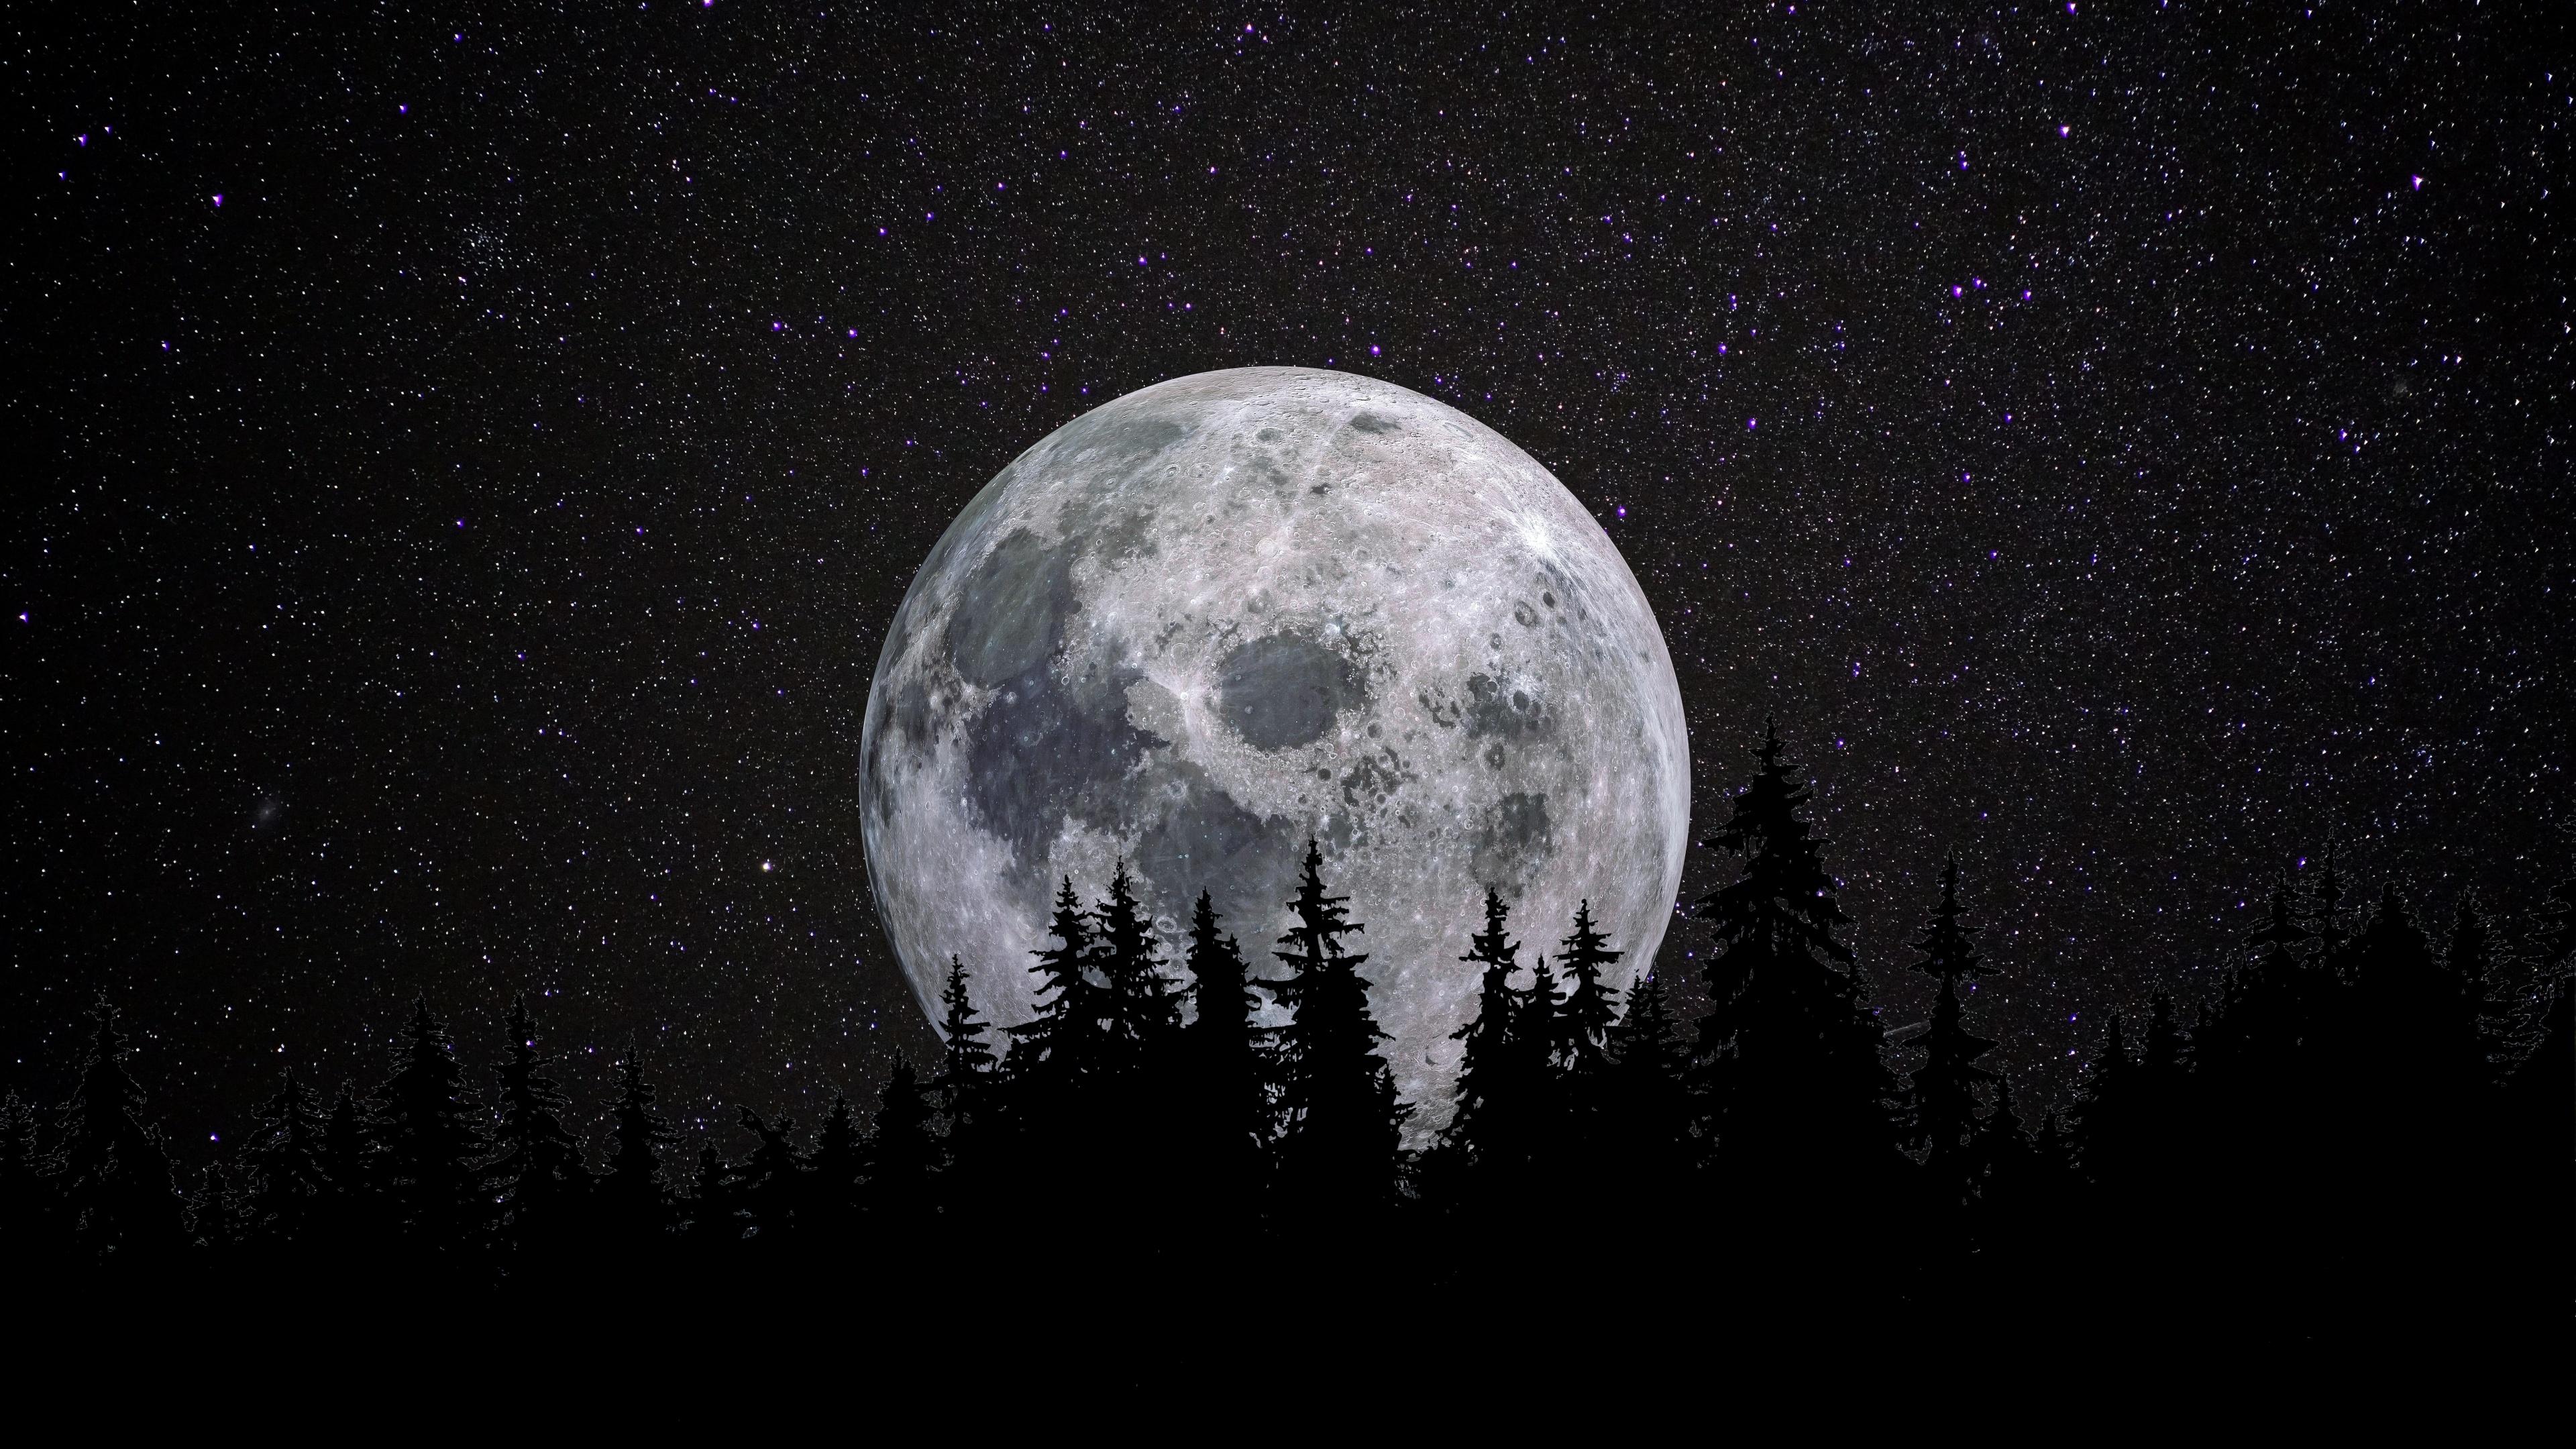 Full Moon 4k Wallpaper Forest Night Dark Starry Sky 5k 8k Nature 1684